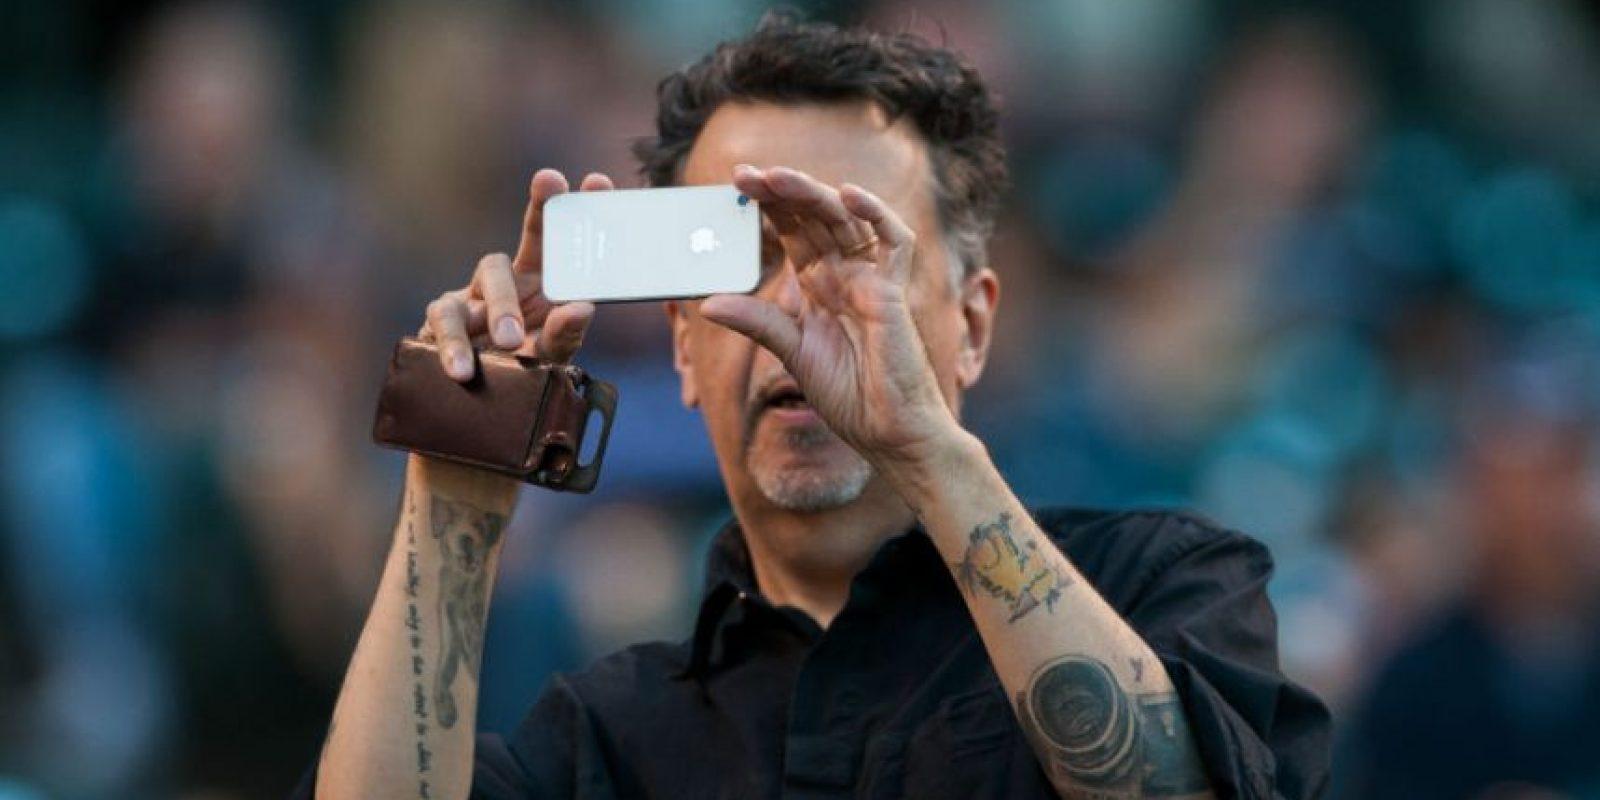 Con estas aplicaciones obtendrán las mejores fotos. Foto:Getty Images